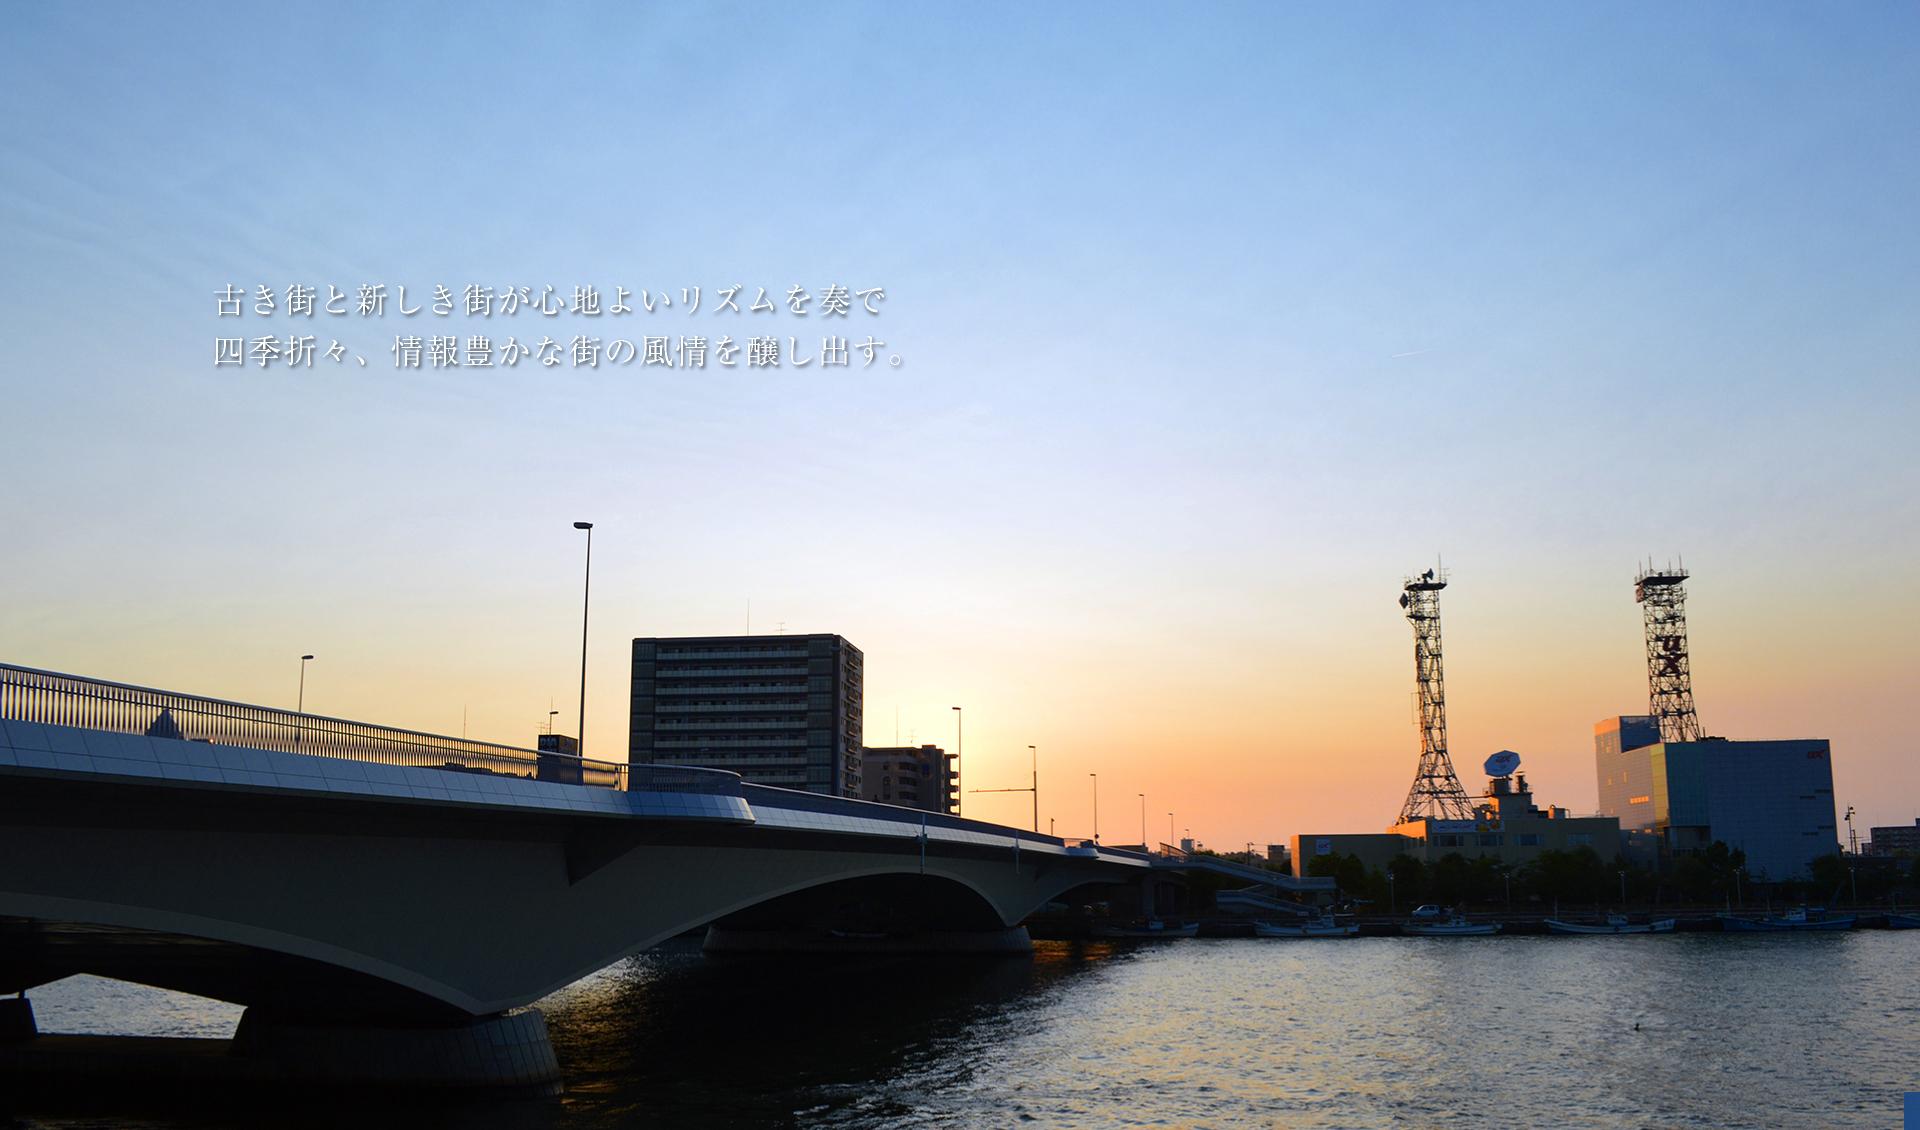 新潟市中央区の賃貸・売買・法人向け賃貸アパートマンションは明治開発へ